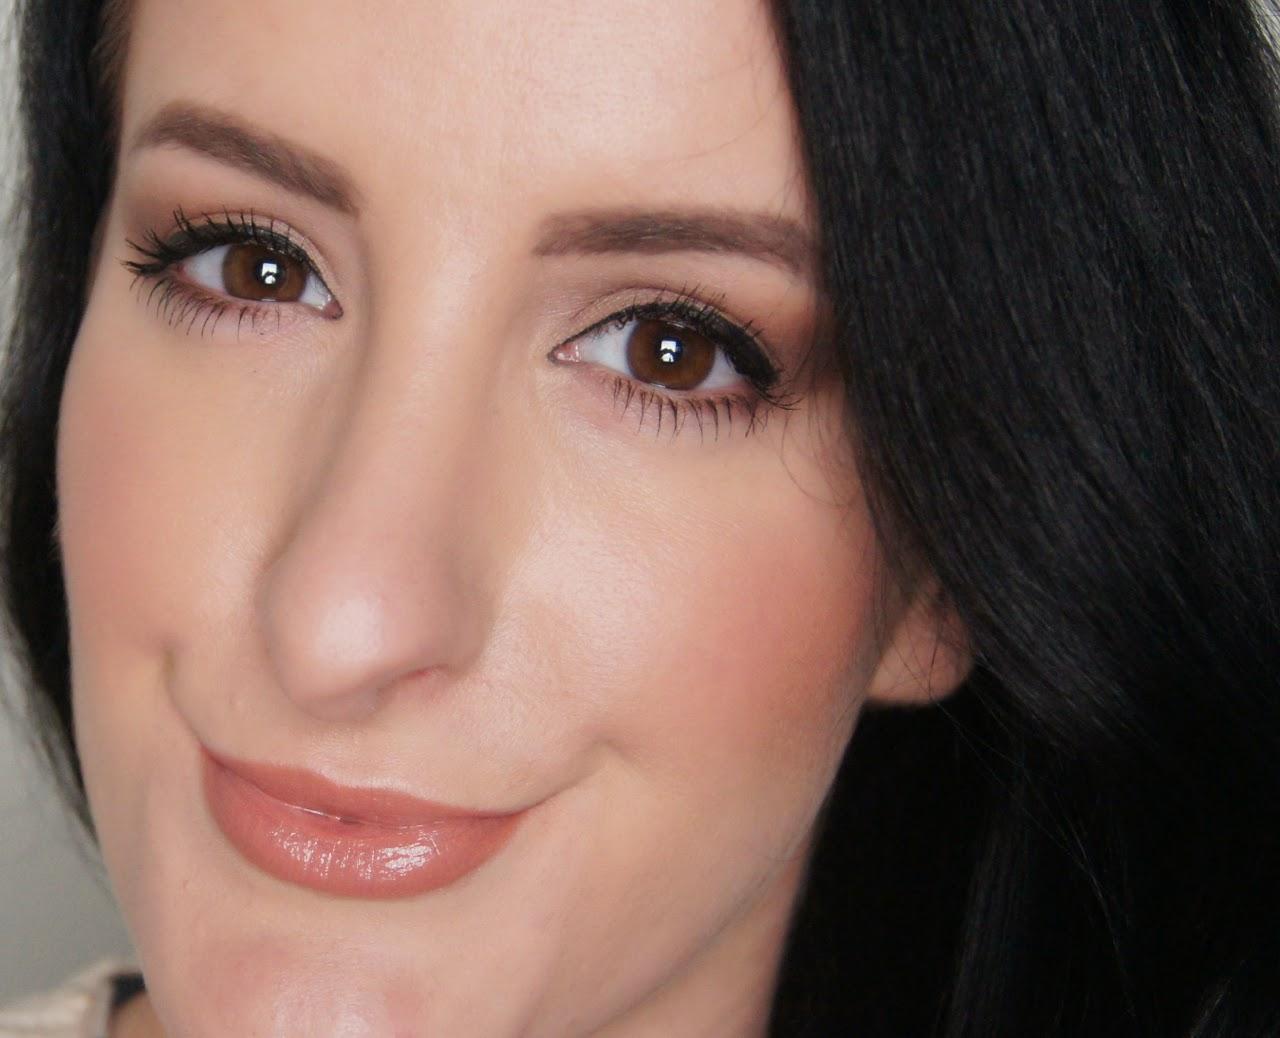 valentine's makeup look nude lip option laura mercier liner estee lauder crystal baby lipstick swatch